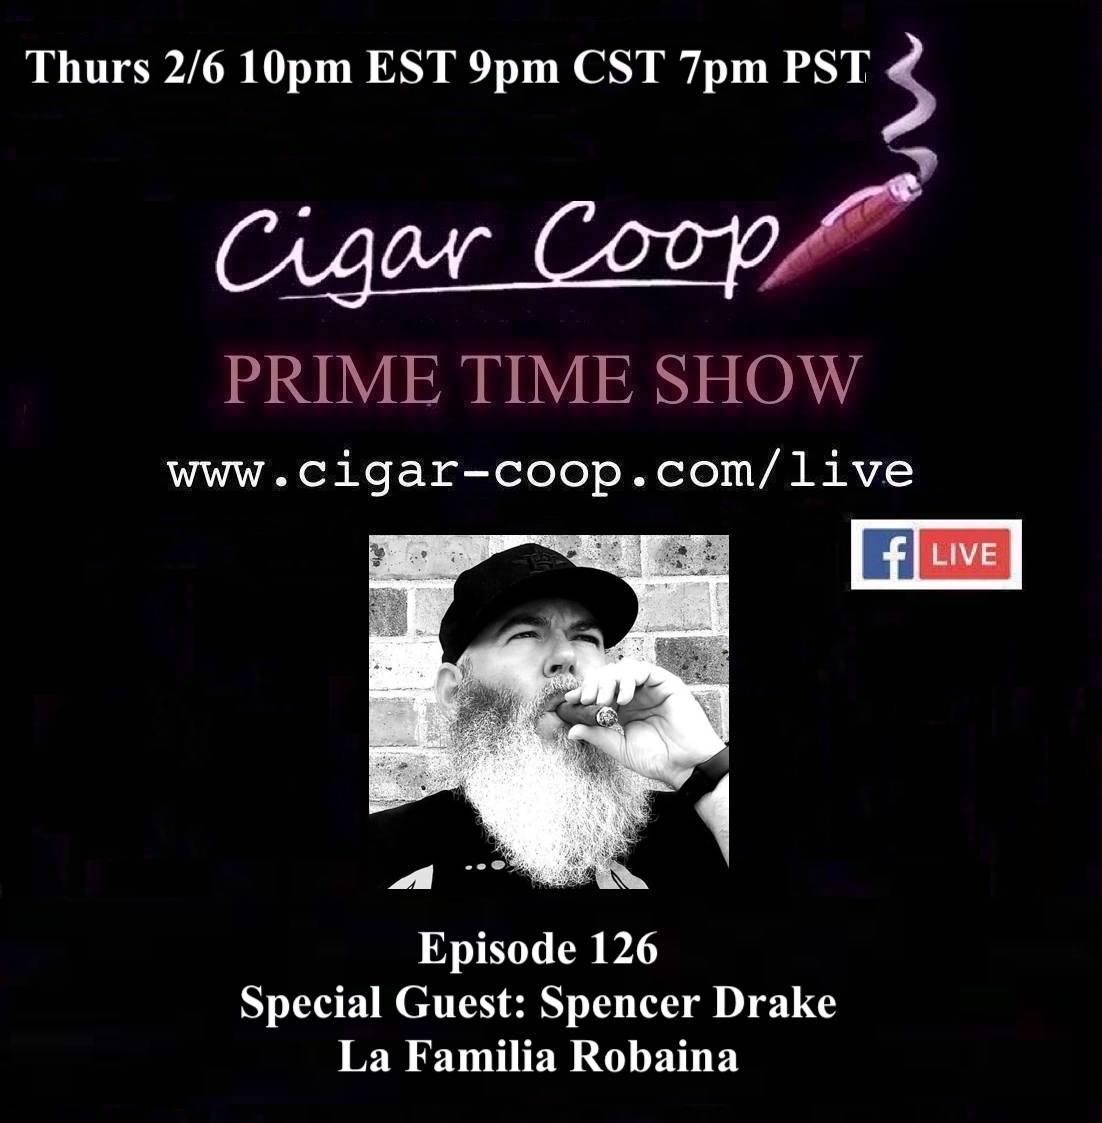 Announcement: Prime Time Episode 126 – Spencer Drake, La Familia Robaina